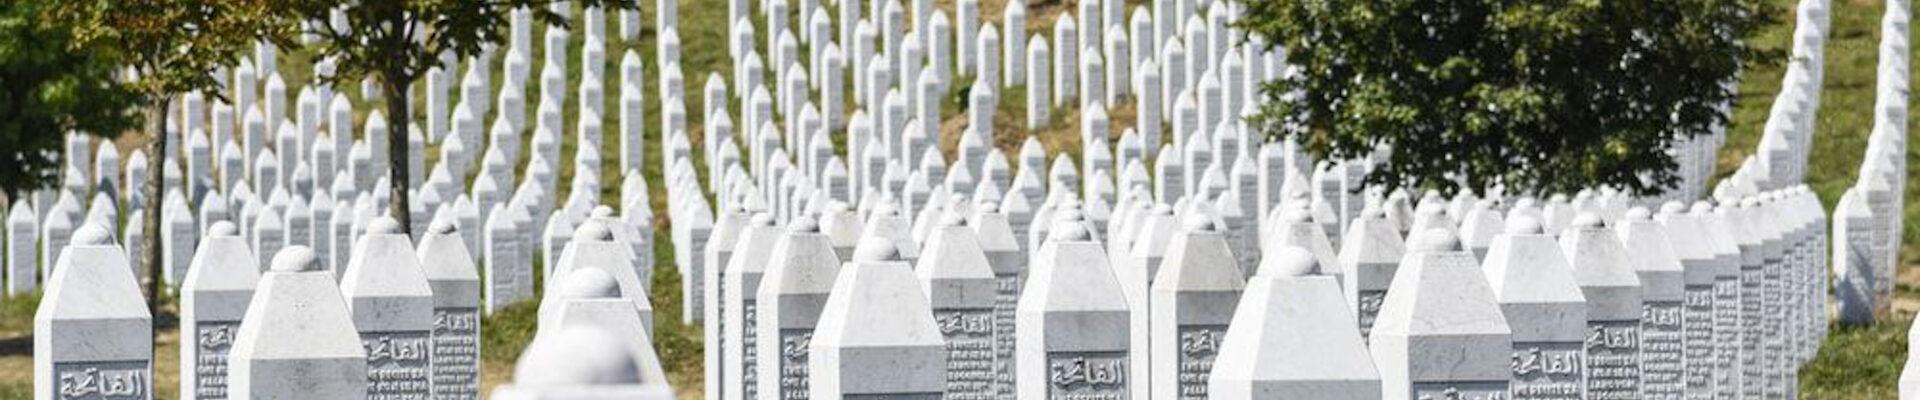 Pamtimo nevine žrtave genocida u Srebrenici. Slava im.